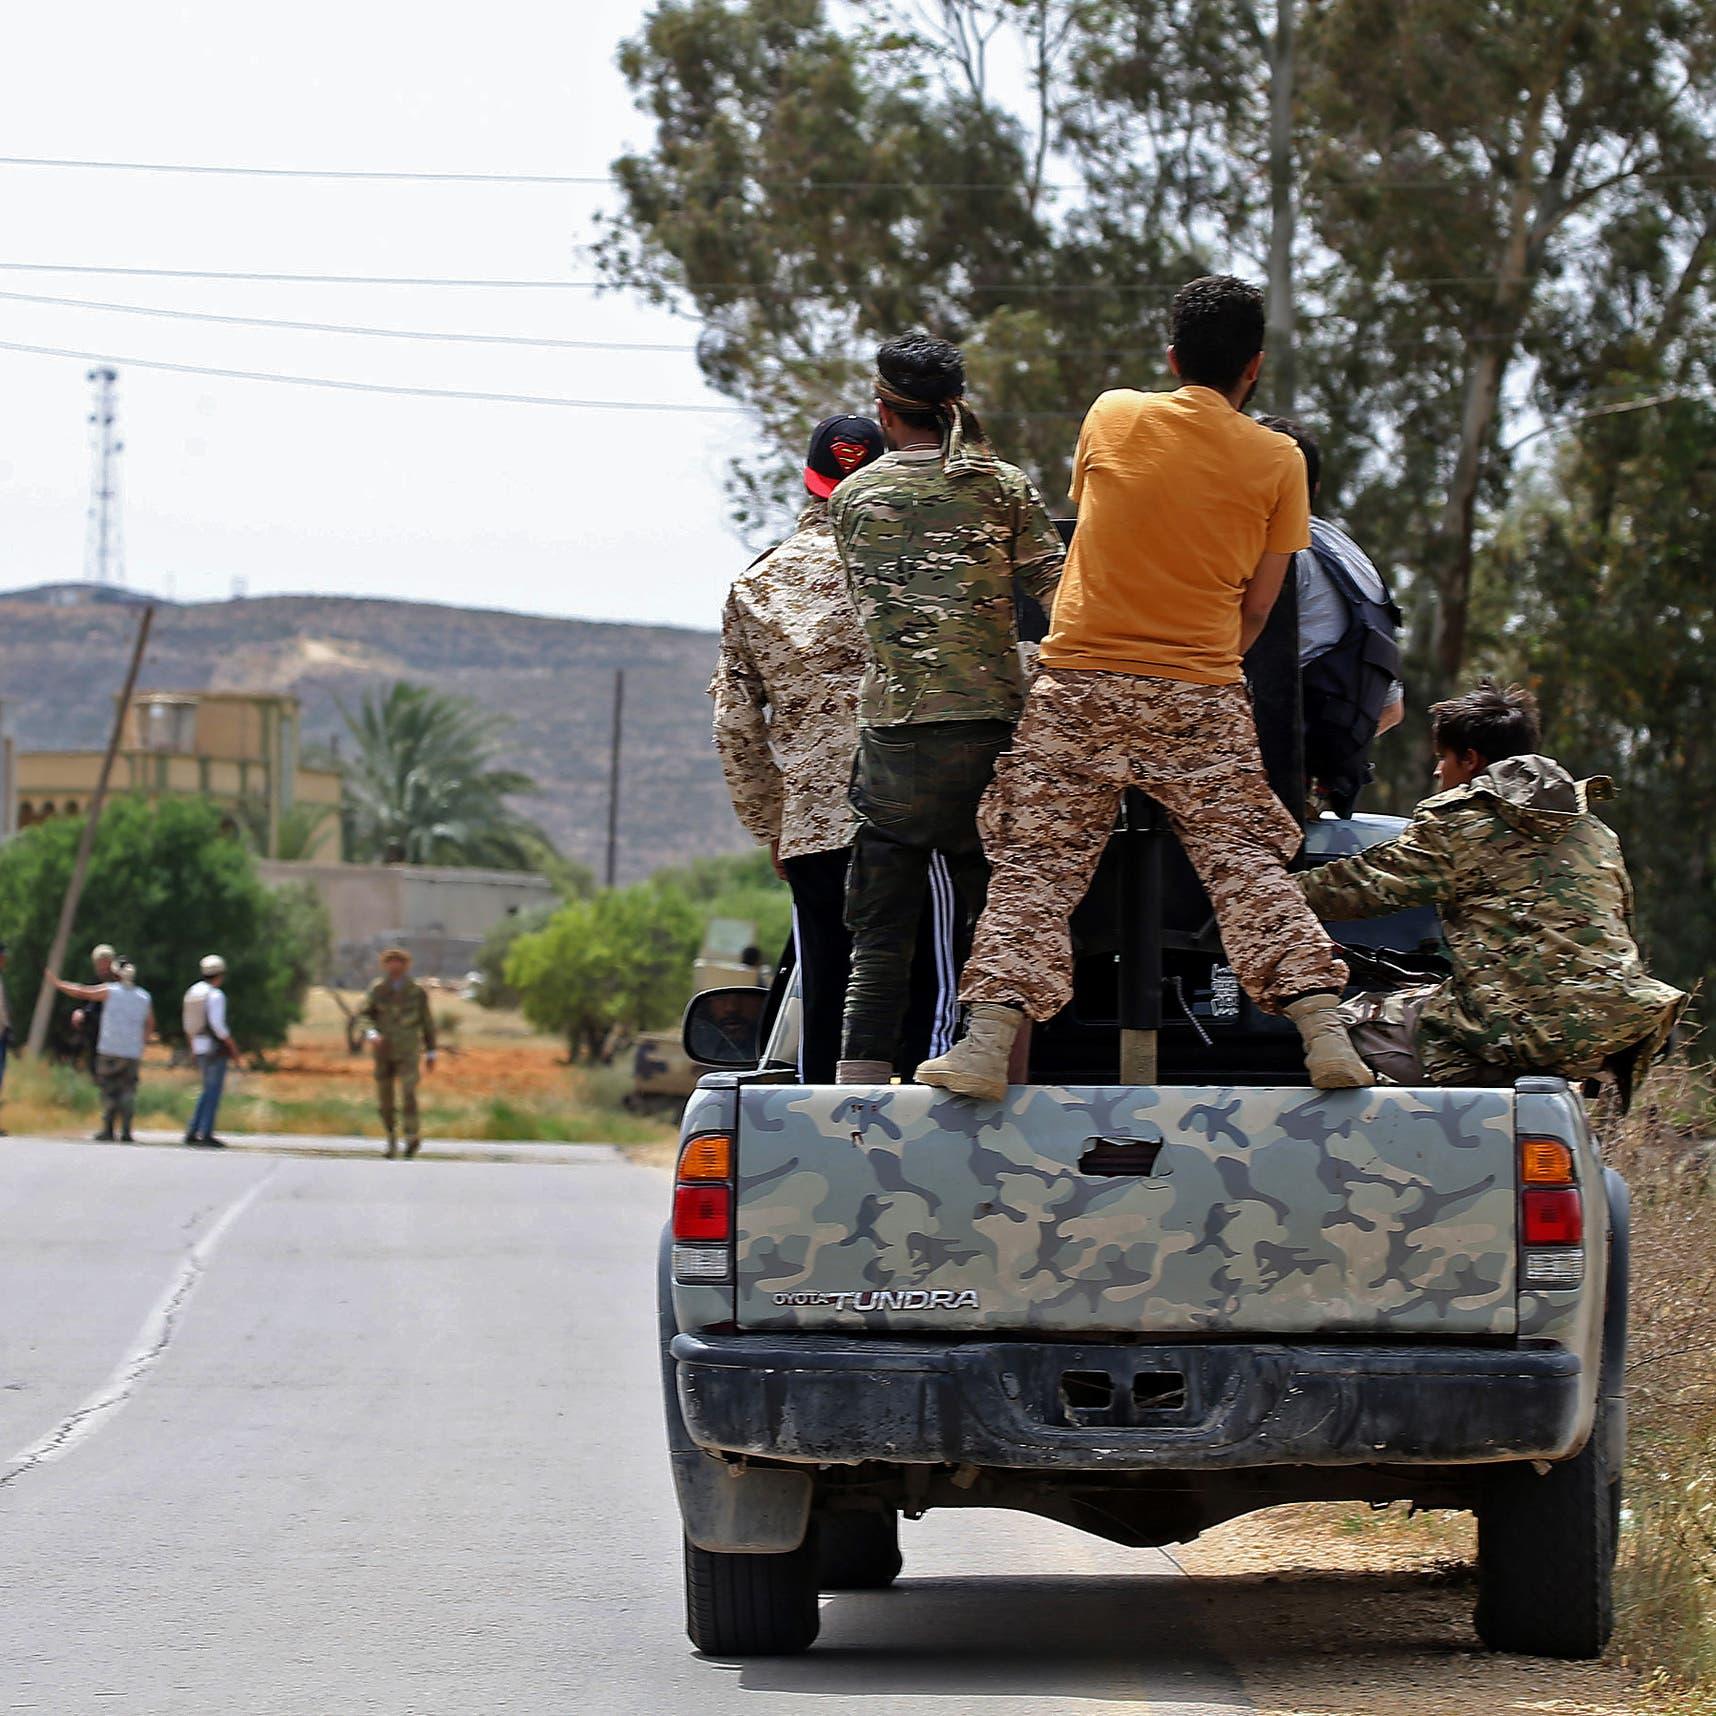 المونيتور: تركيا تجنّد مراهقين سوريين للقتال في ليبيا